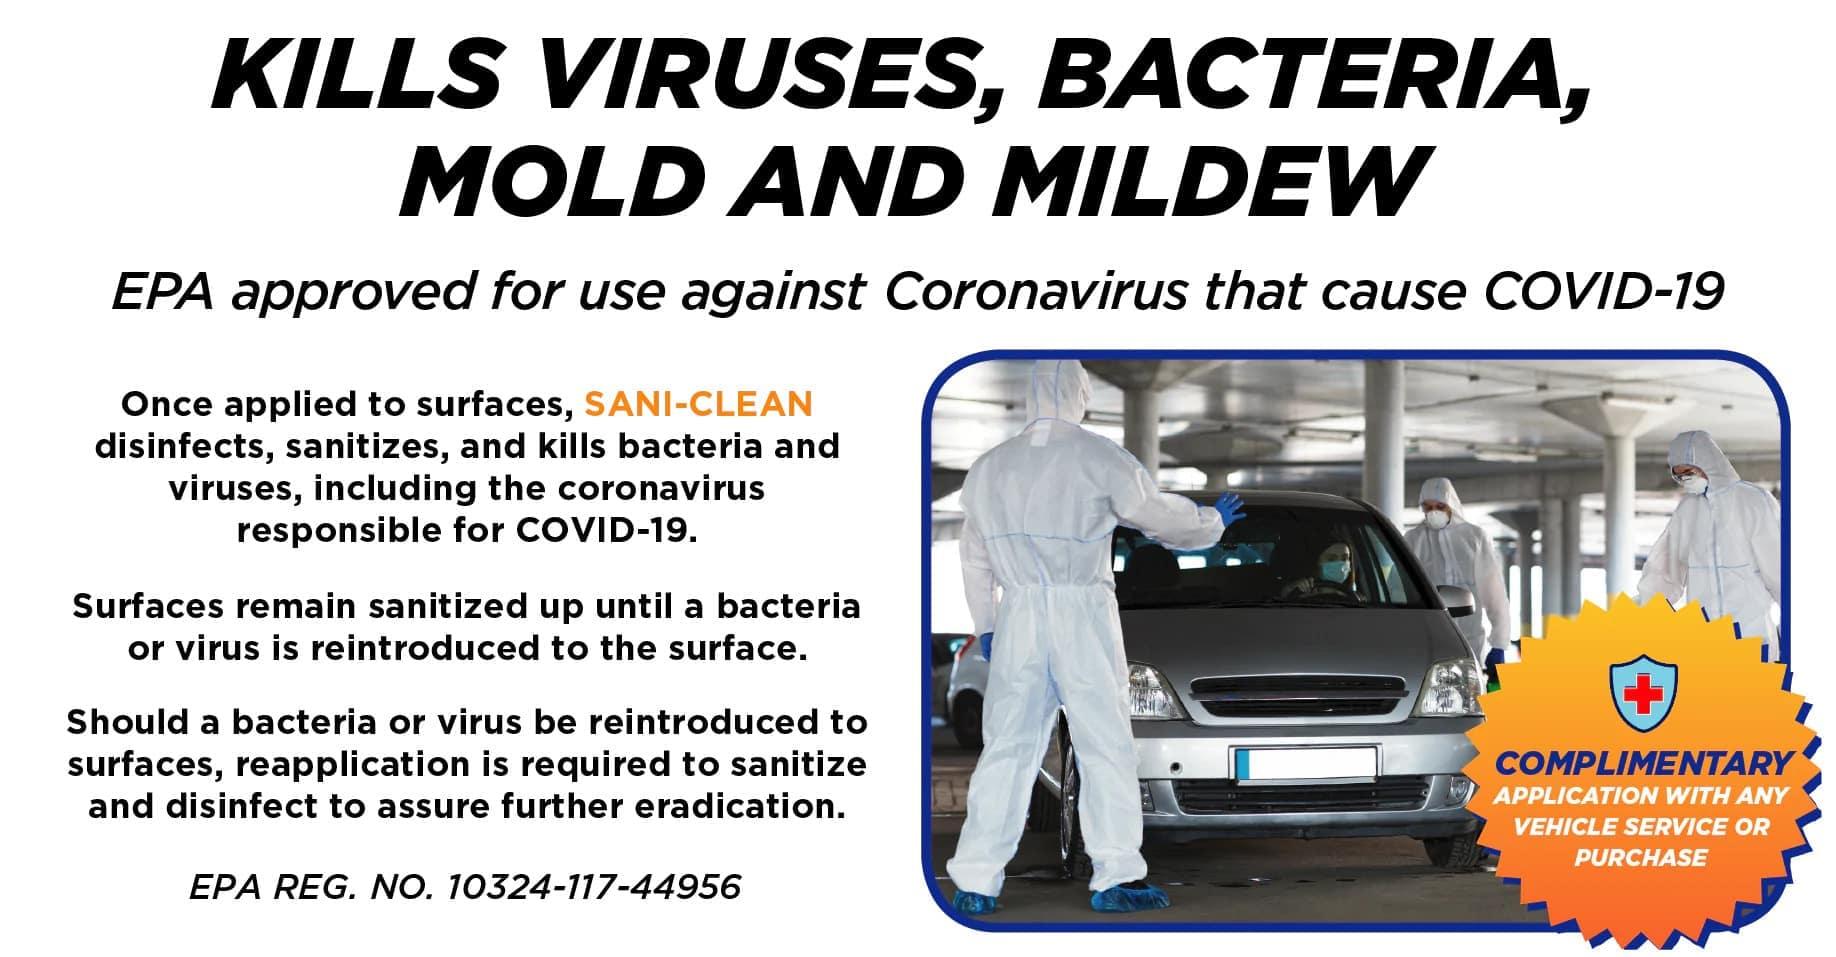 Kills Viruses, Bacteria